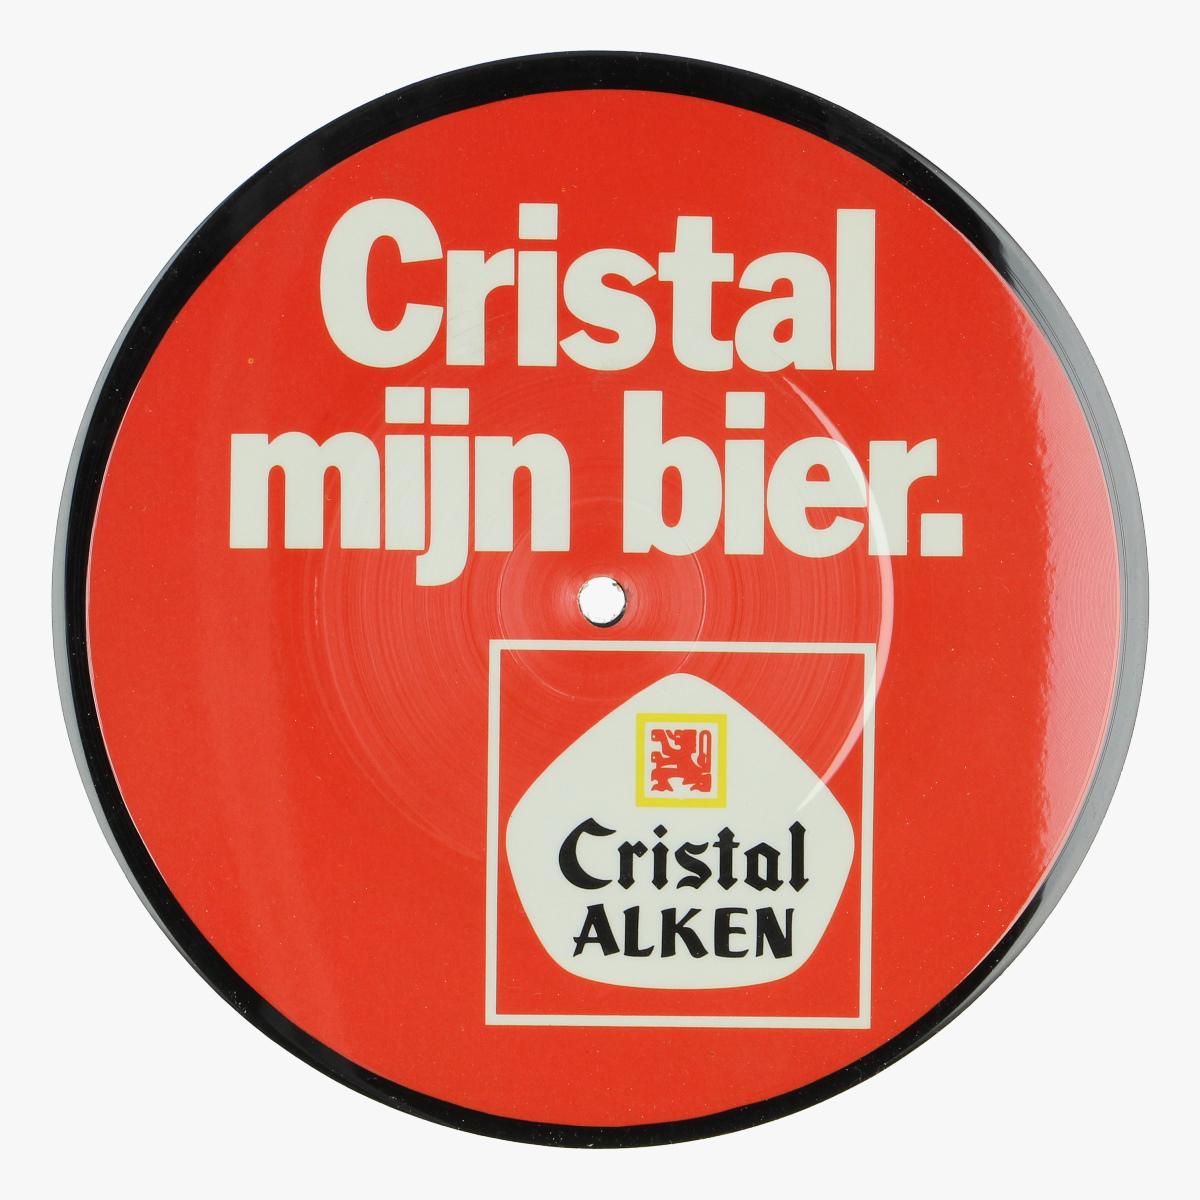 Afbeeldingen van muziek single Cristal Alken